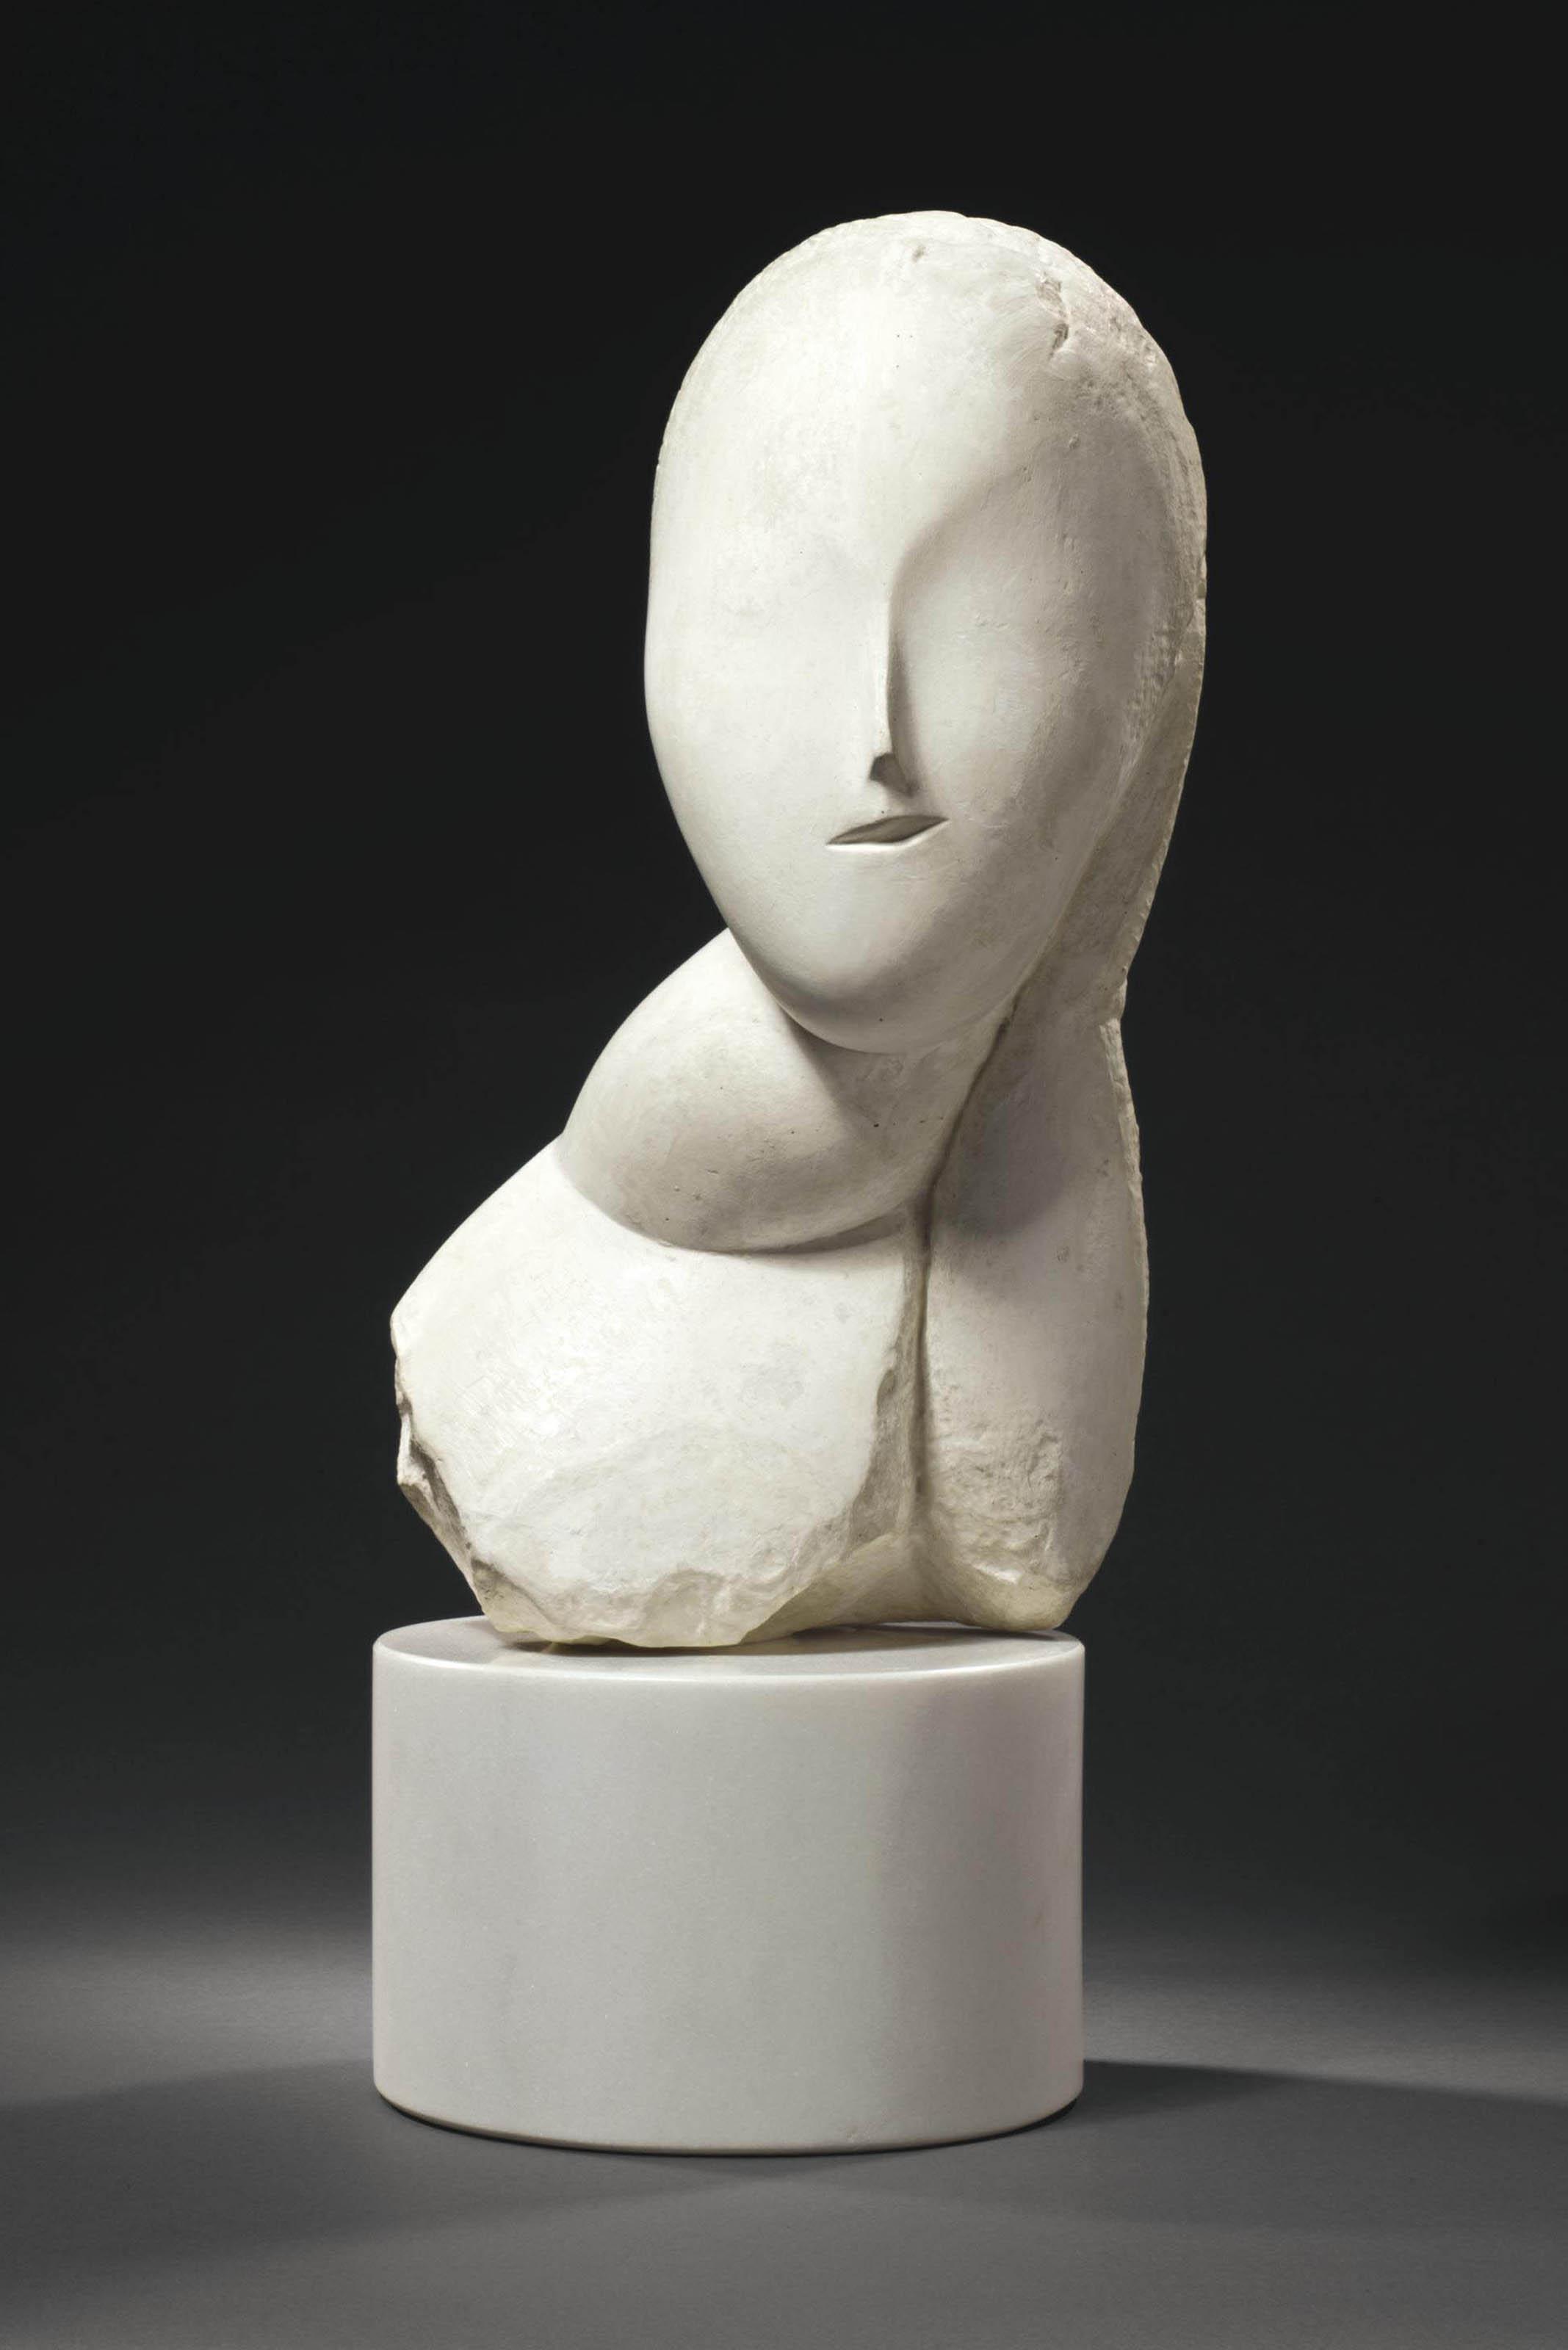 Constantin Brancusi (1867-1957